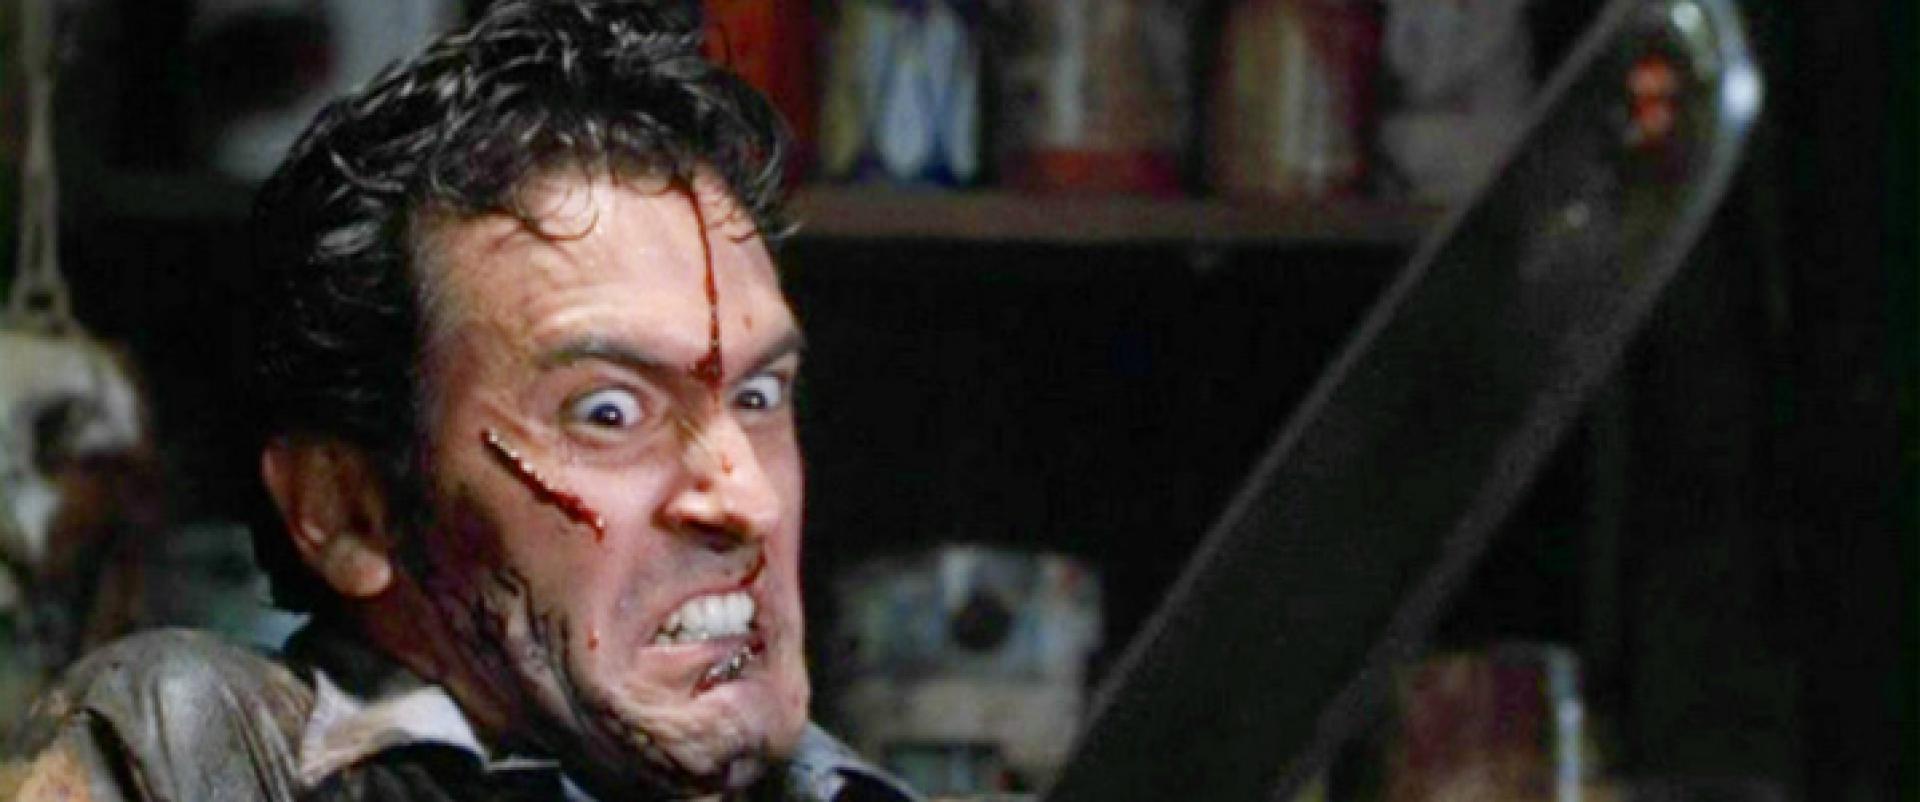 Bruce Campbell vetélkedős horrorrealityt fog vezetni